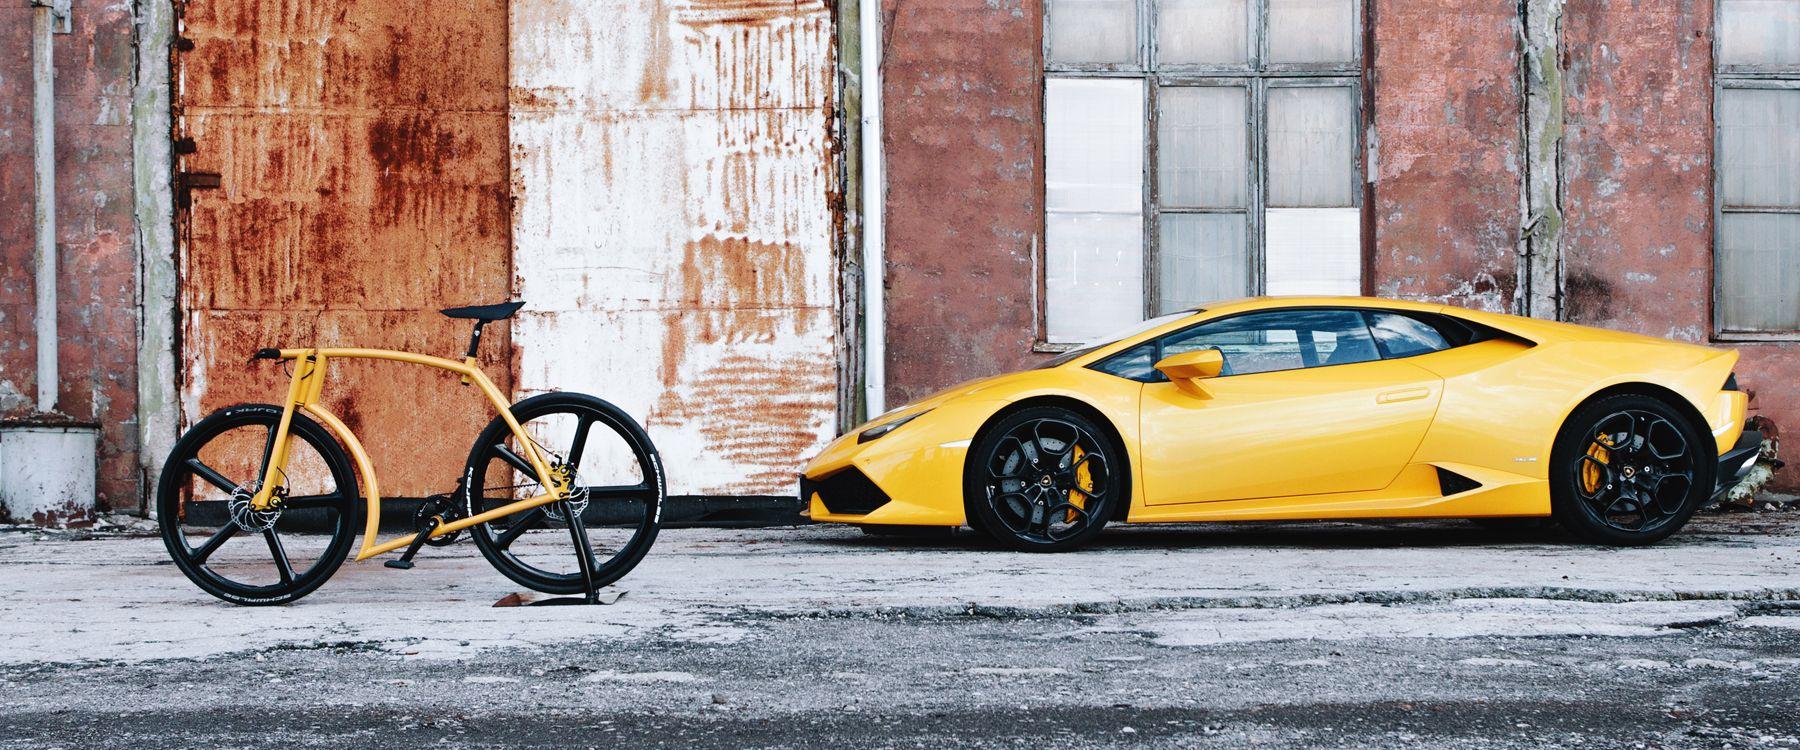 Viks Gt Lamborghini Bike Bicycle Italian Supercar Mashup Bmx Bikes Gt Bikes Lamborghini